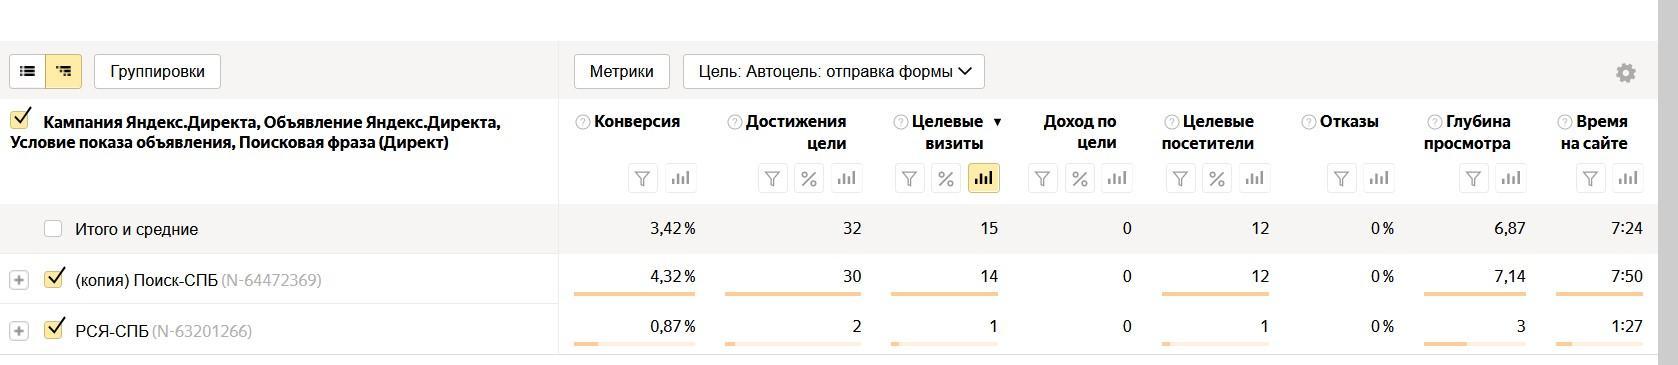 Реклама для интернет магазина. Пример (кейс) эффективной работы рекламной кампании в Яндекс.Директ